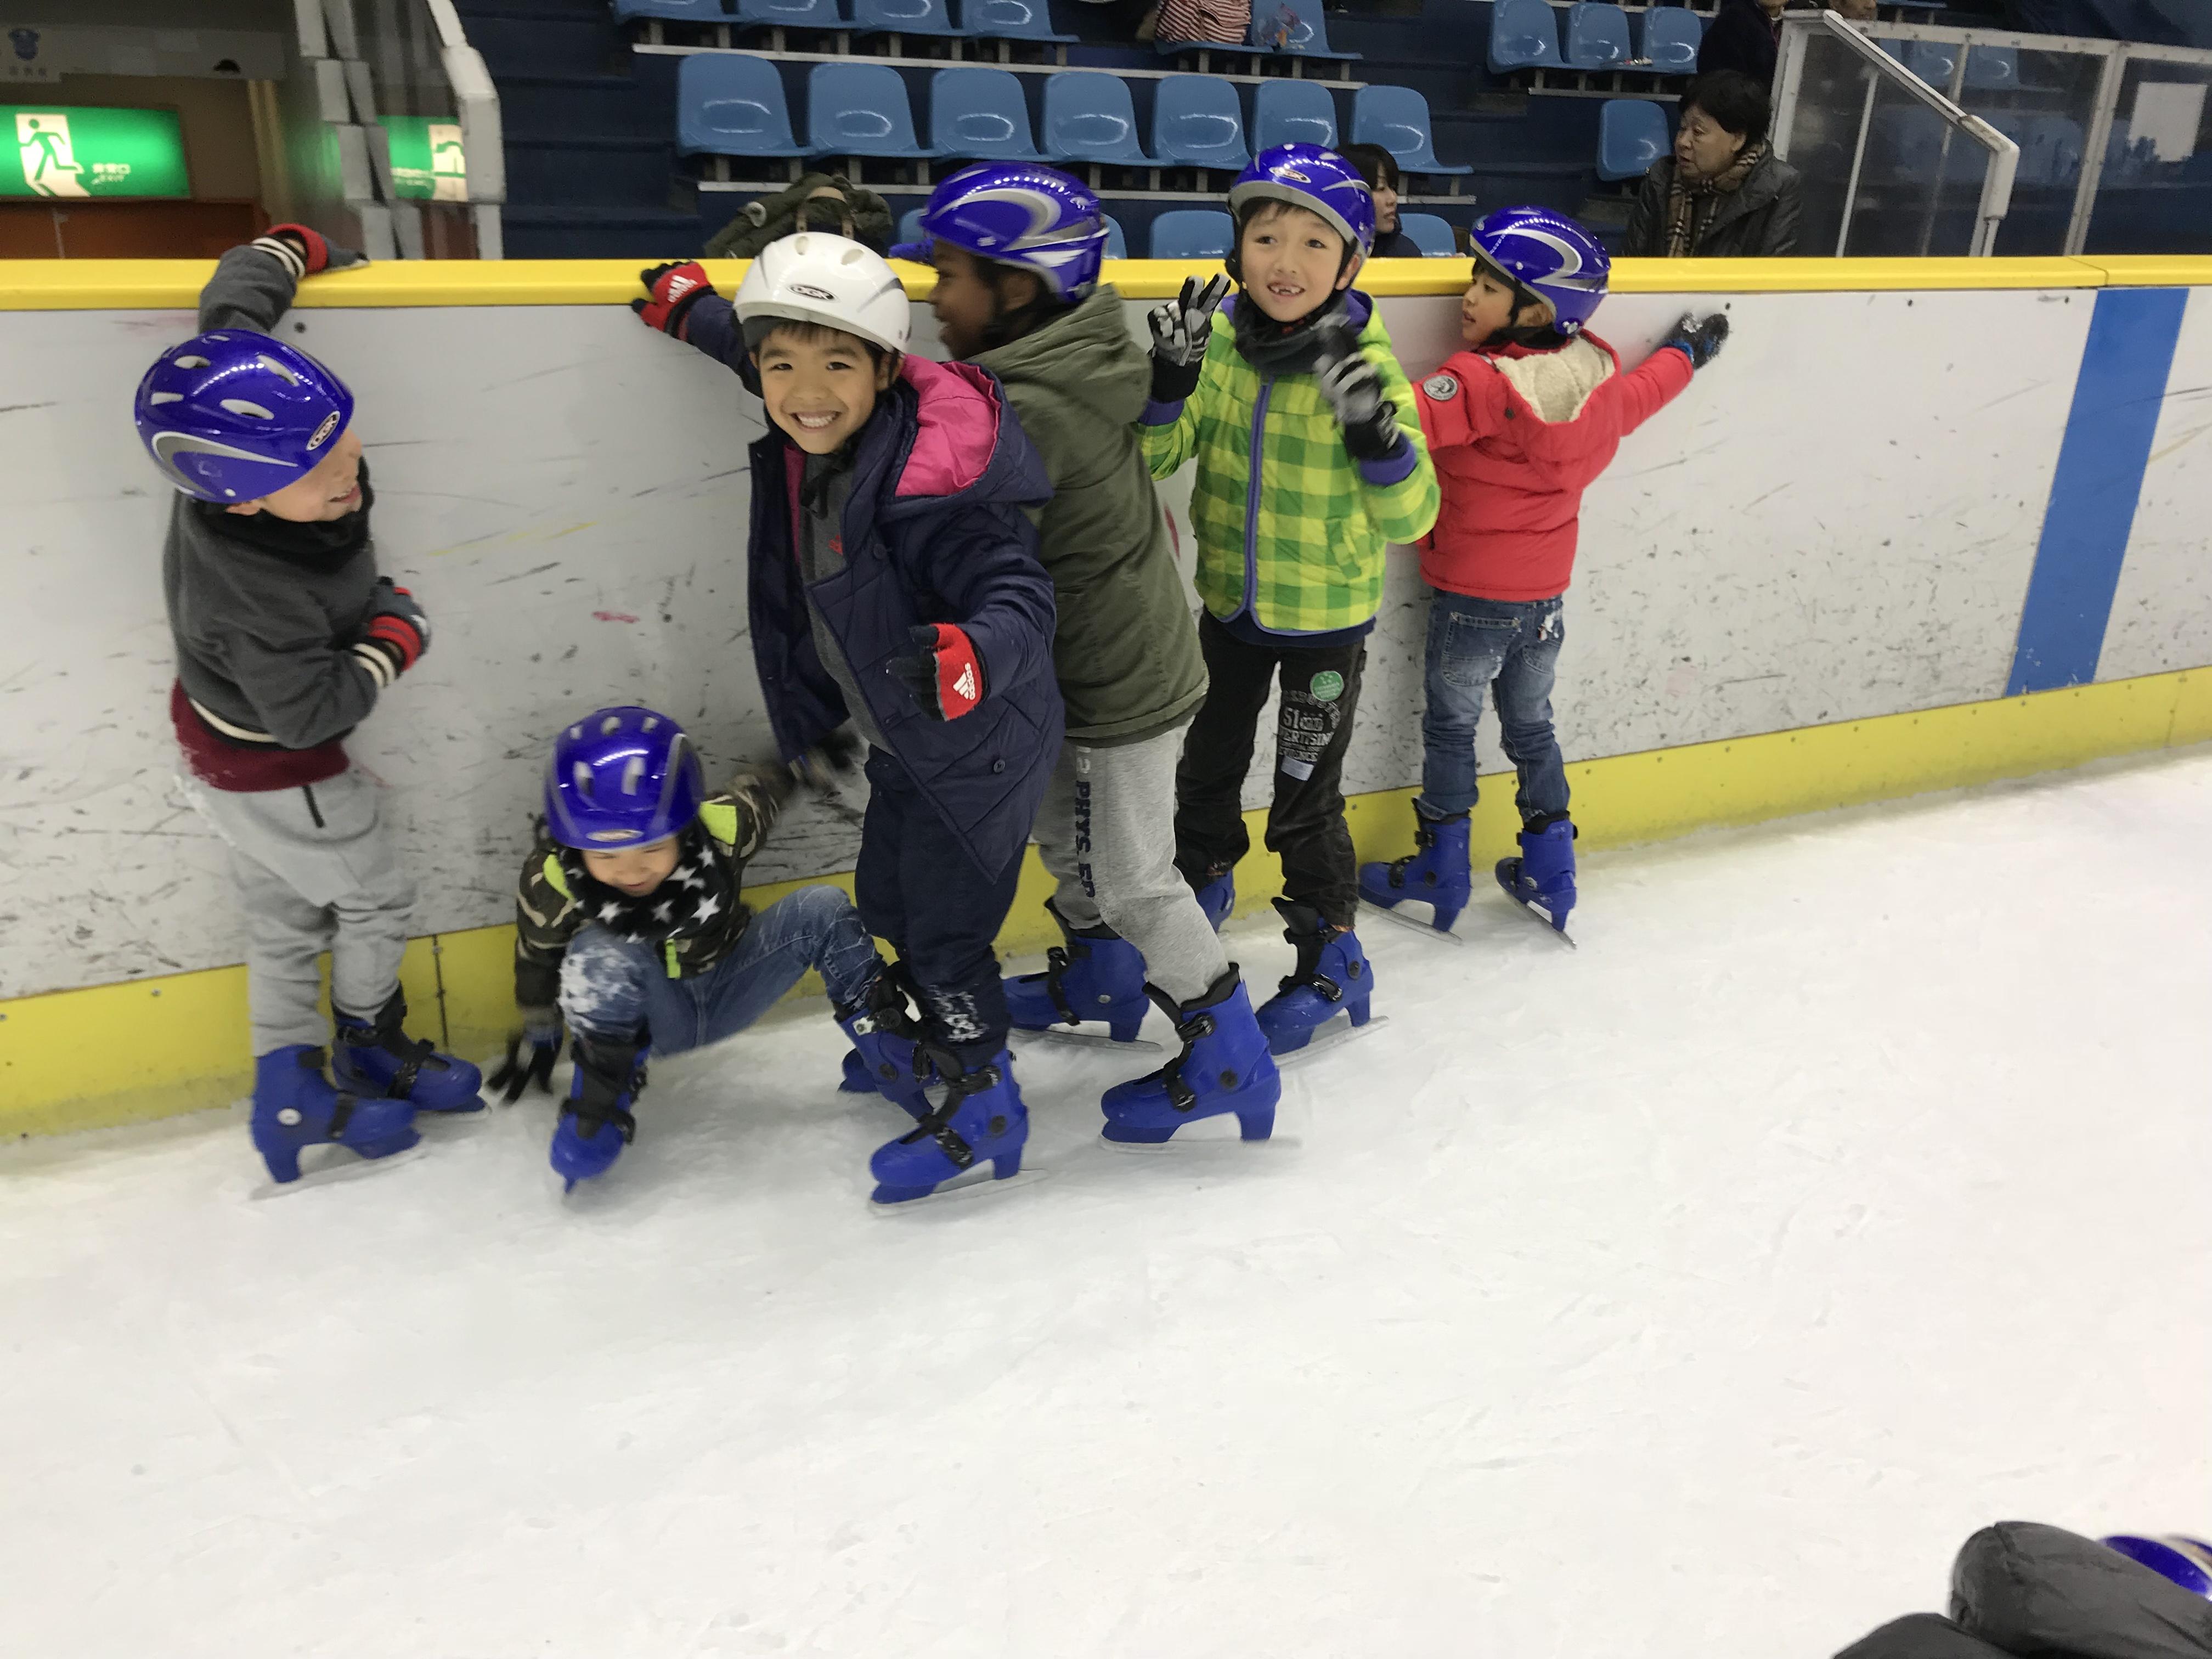 スクールコース / 冬休みイベント・スケート【フォトギャラリー】